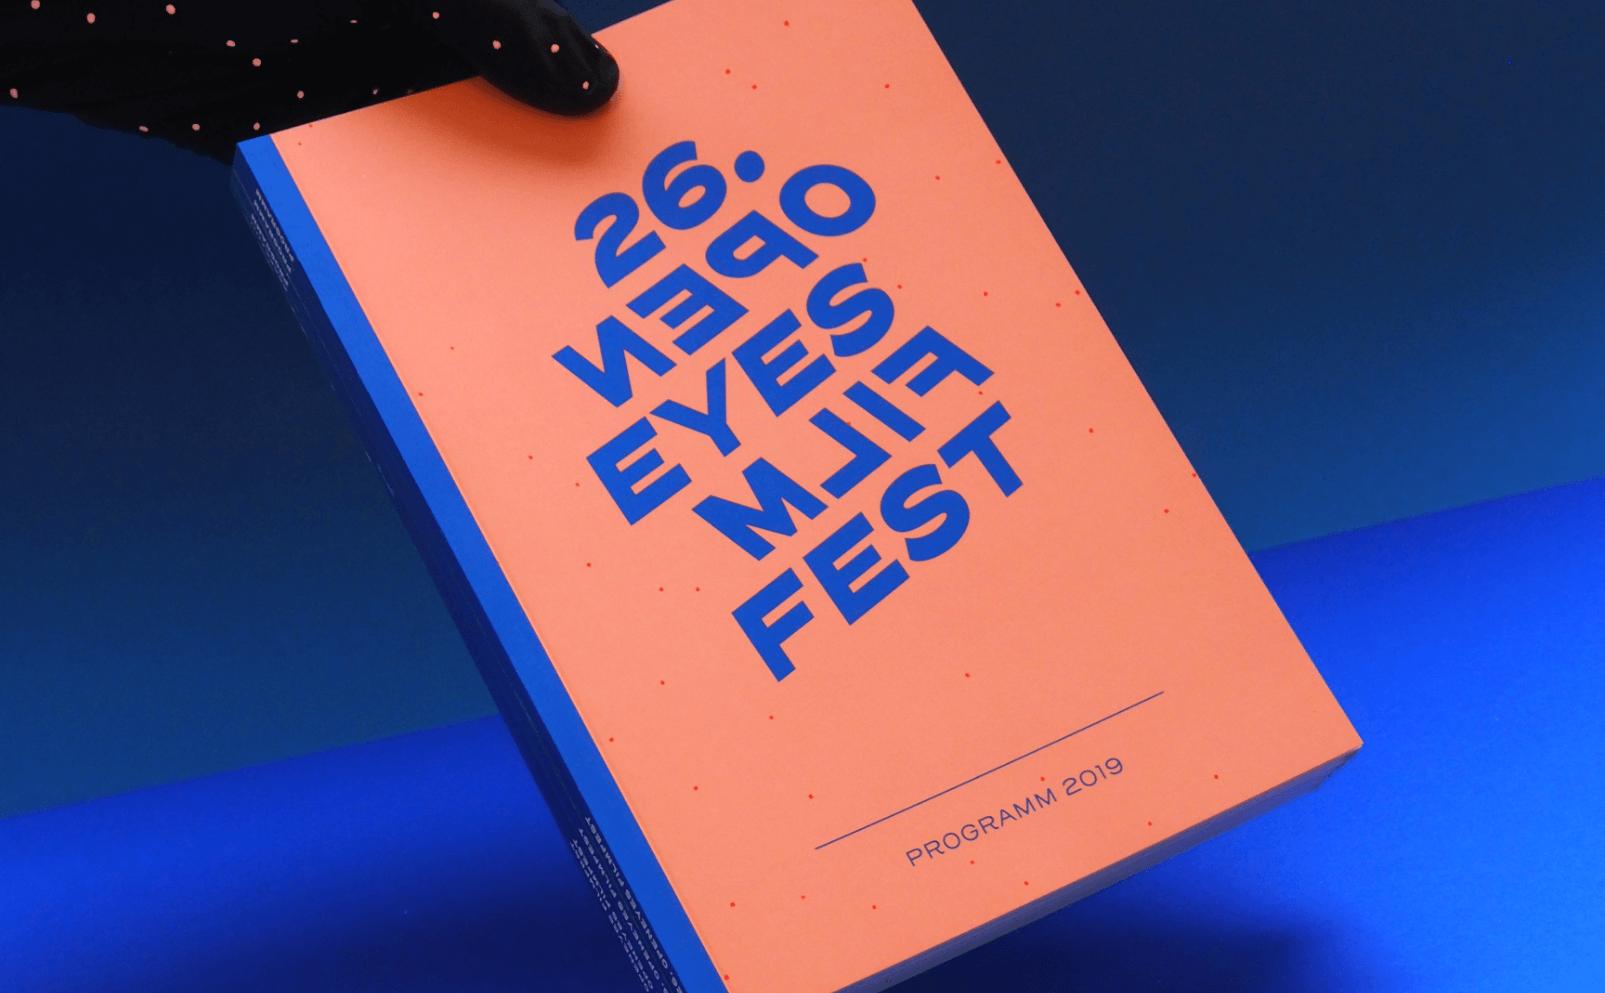 Open Eyes Filmfest Program Booklet